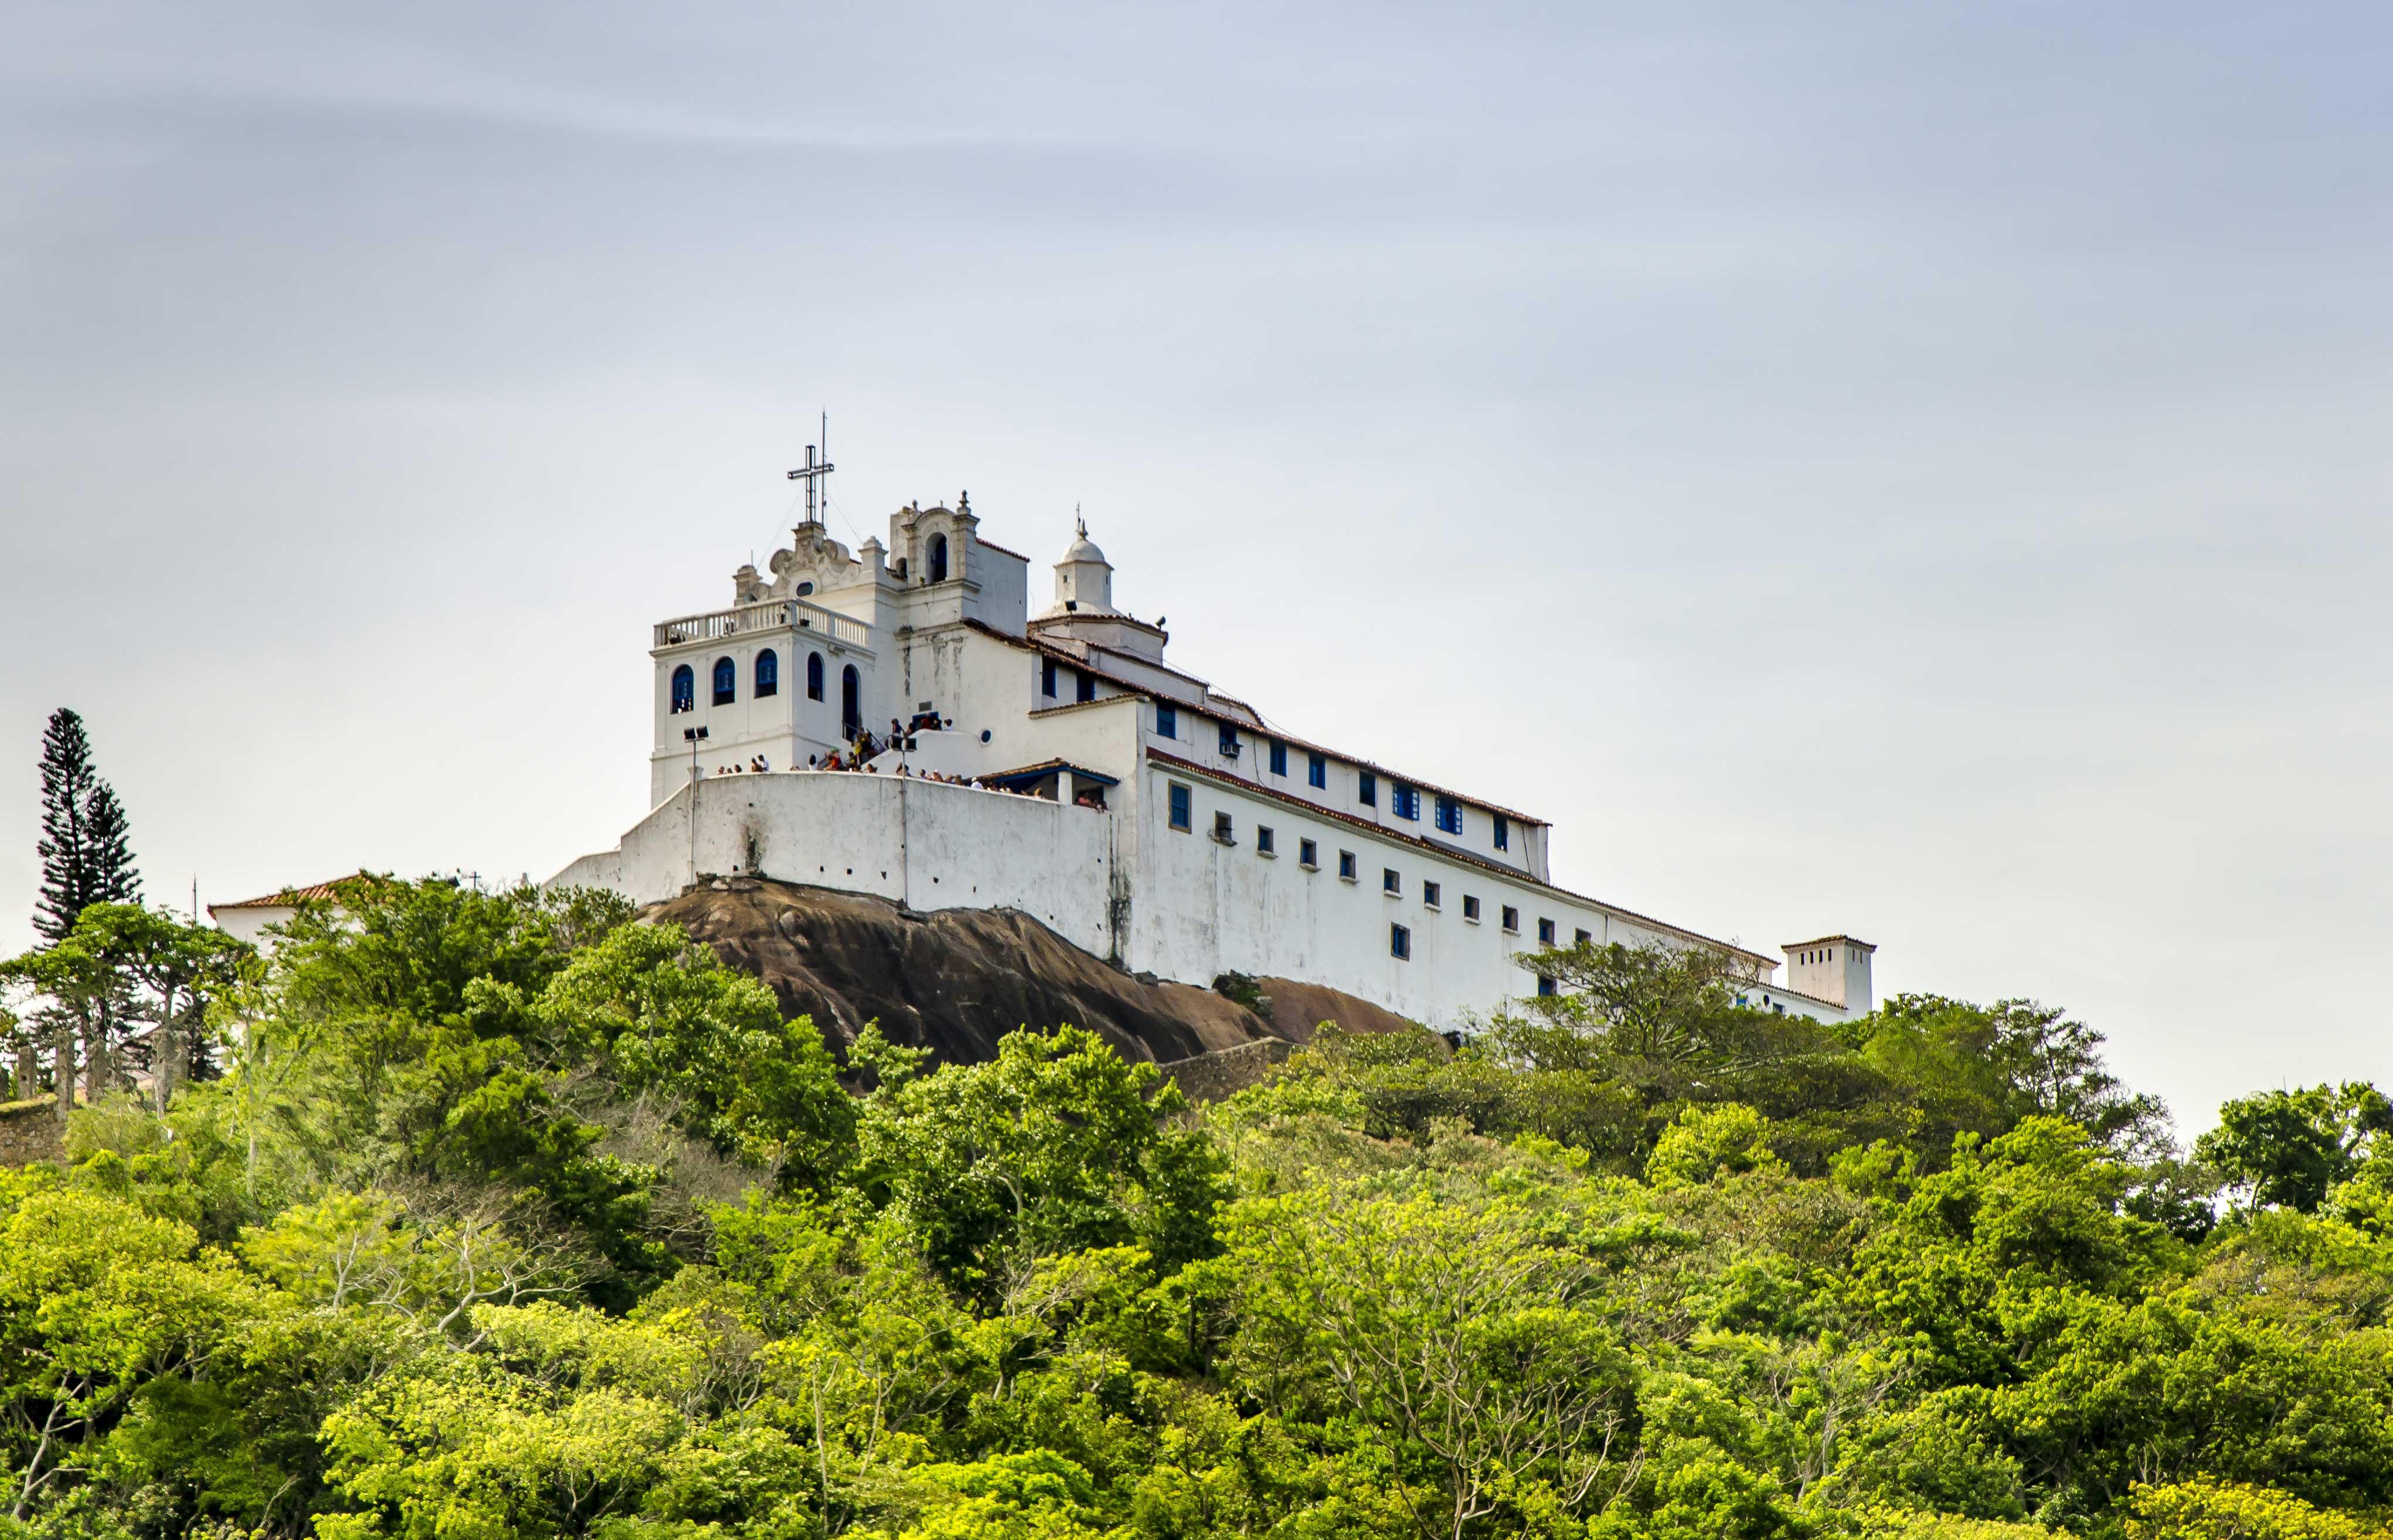 Convento da Penha